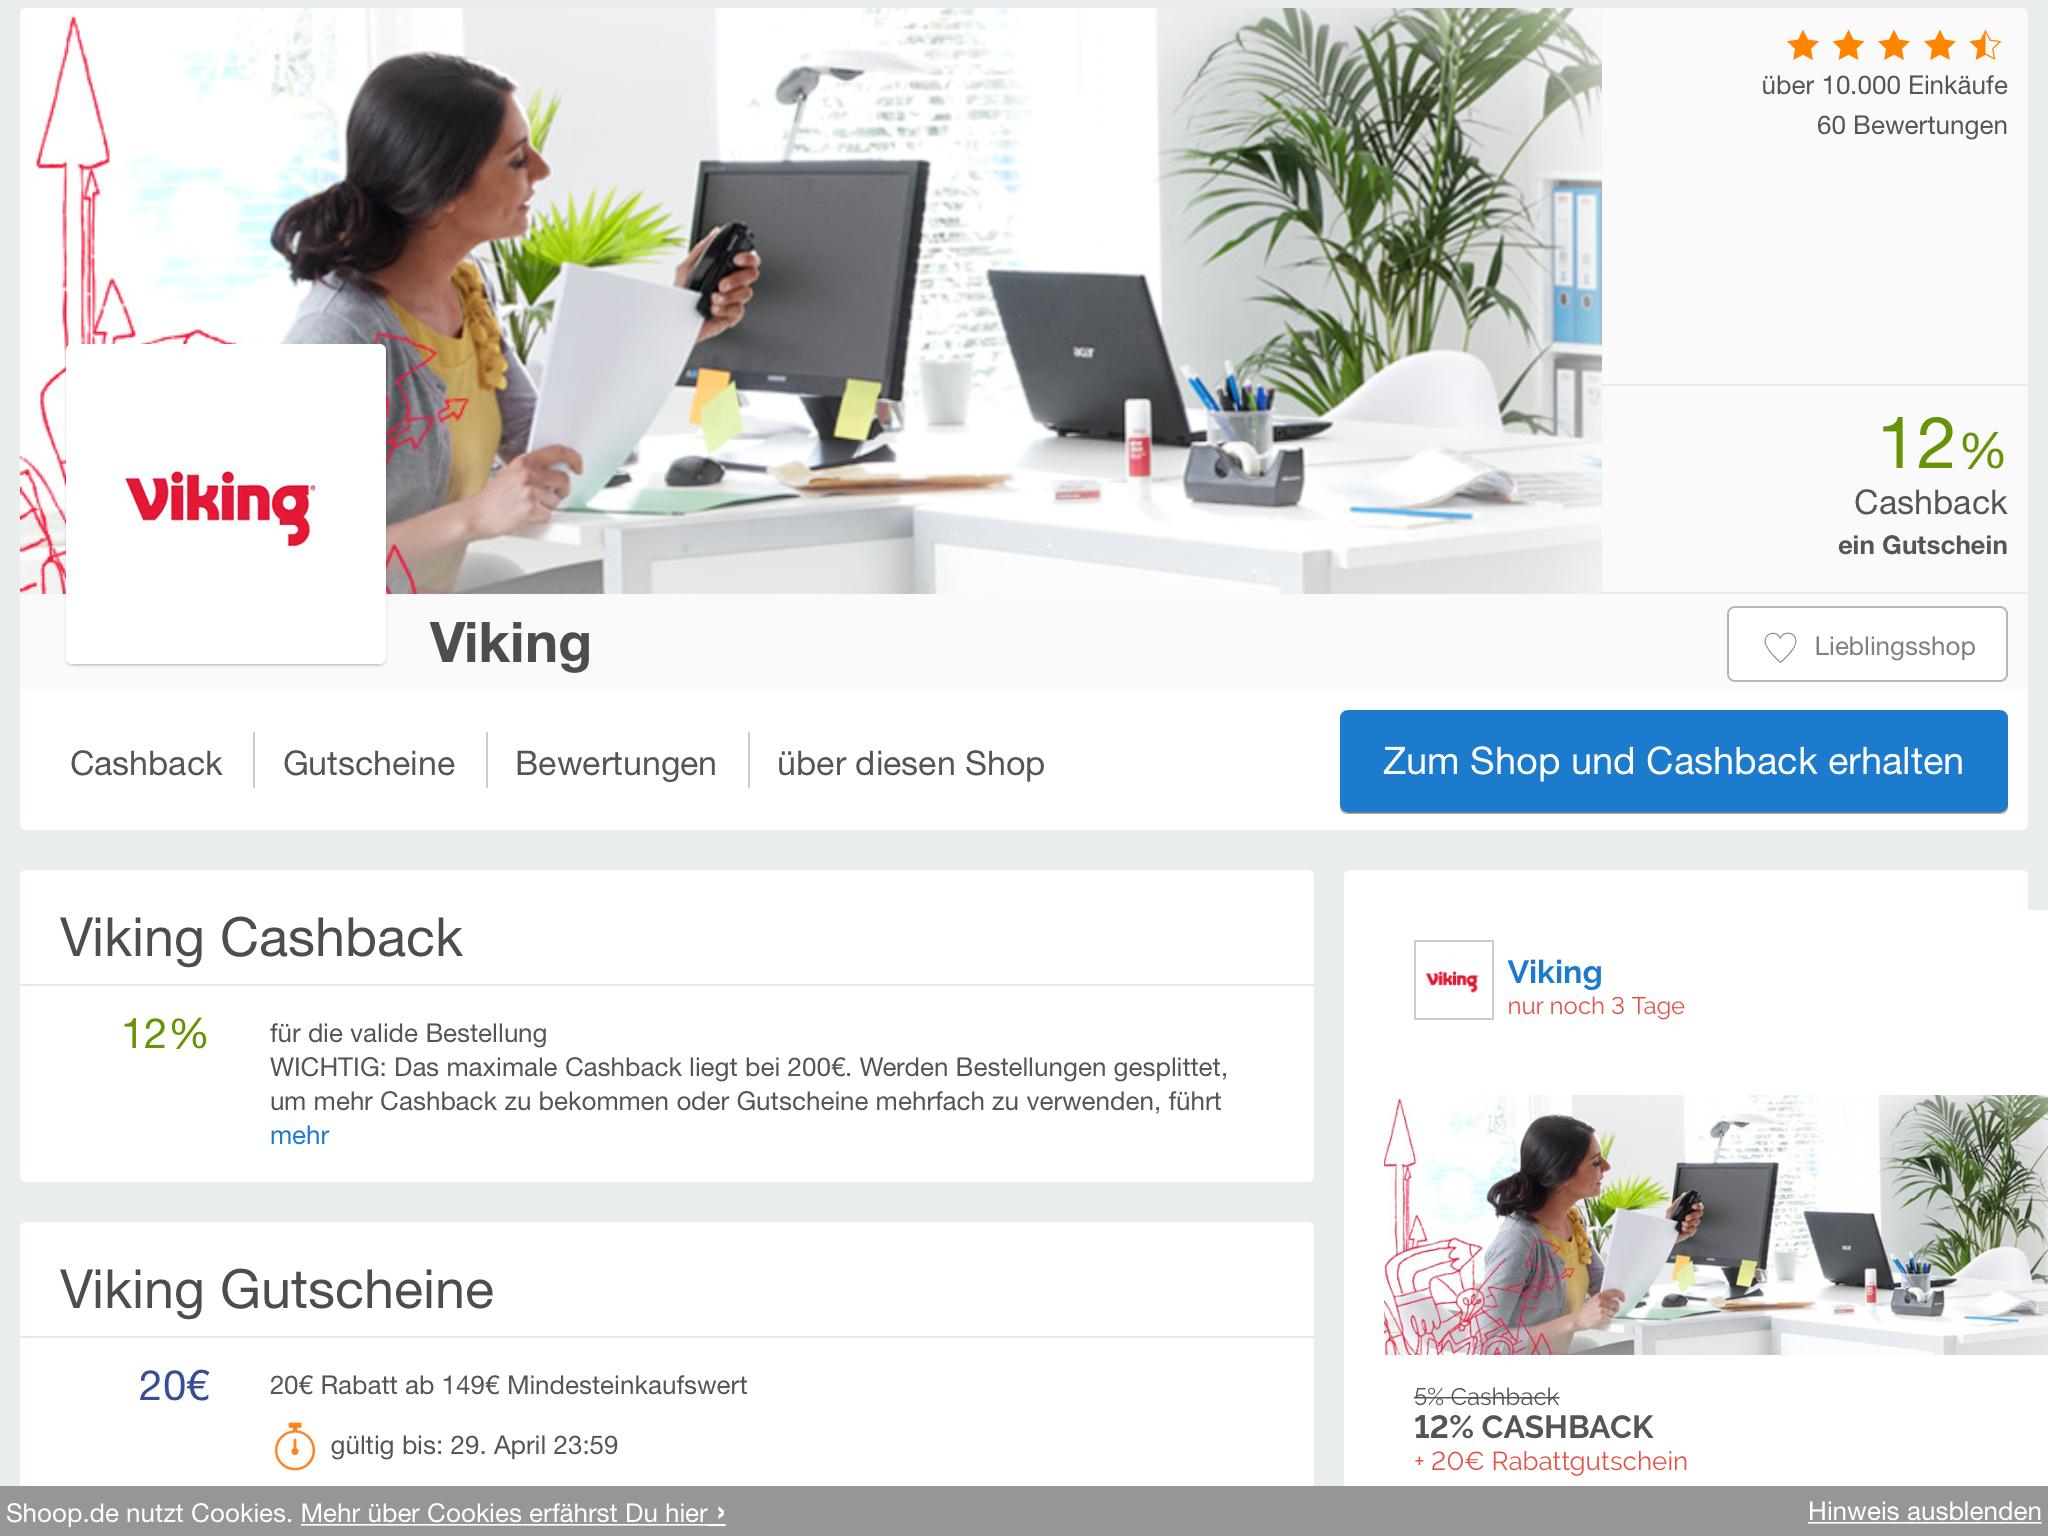 (Shoop) bei VIKING 20€ Rabatt (ab 149€) und 12% cashback